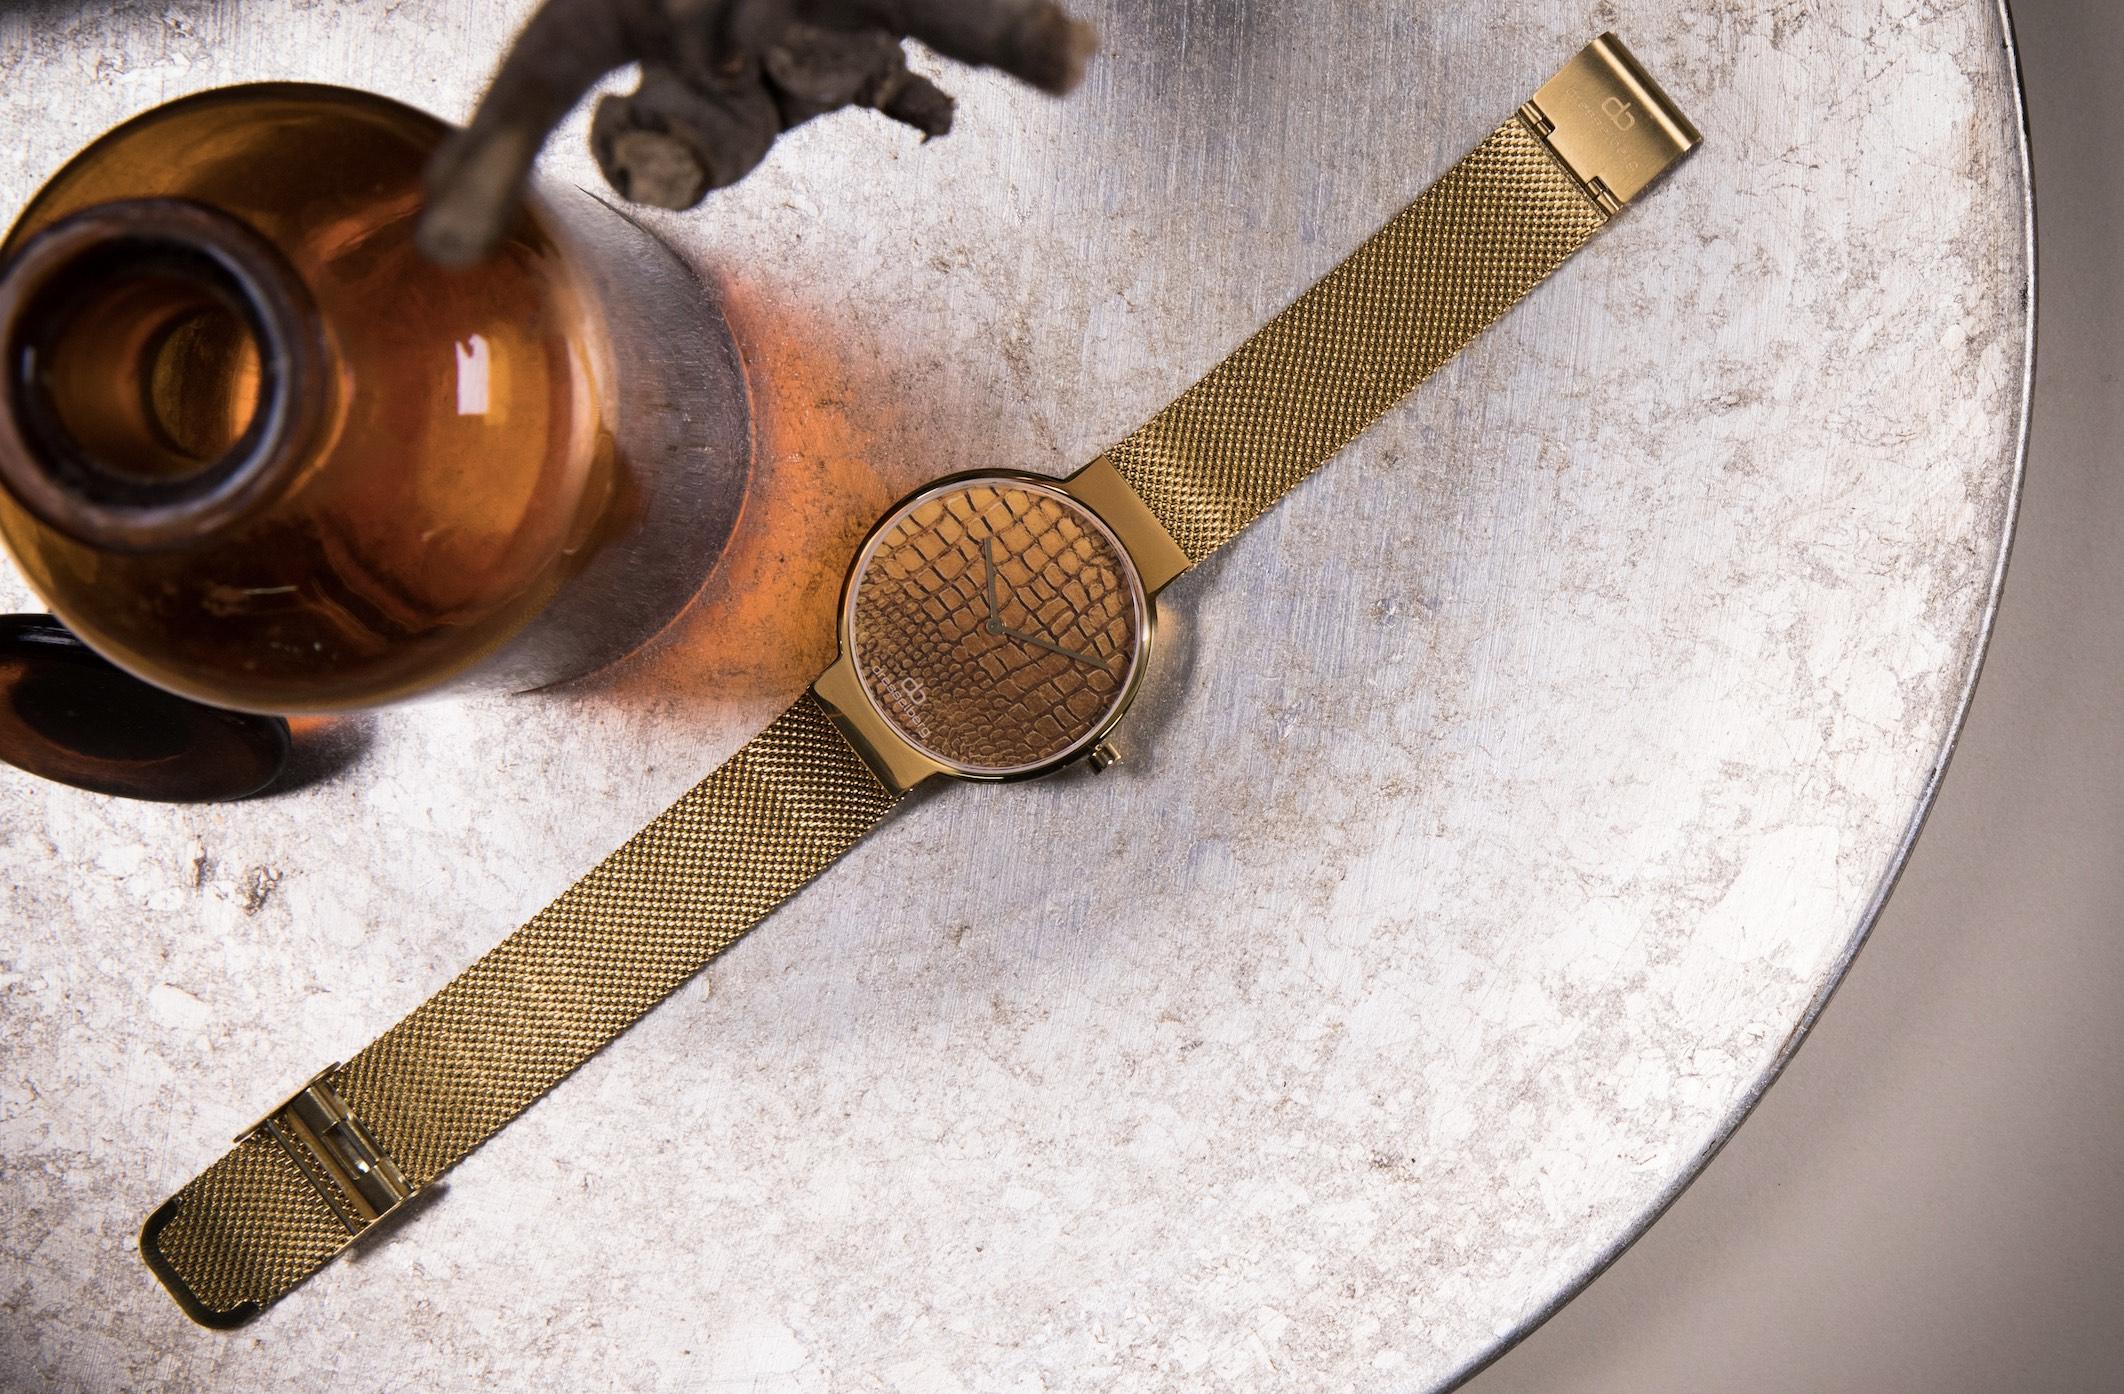 Dresselberg herenhorloges design goedkoop